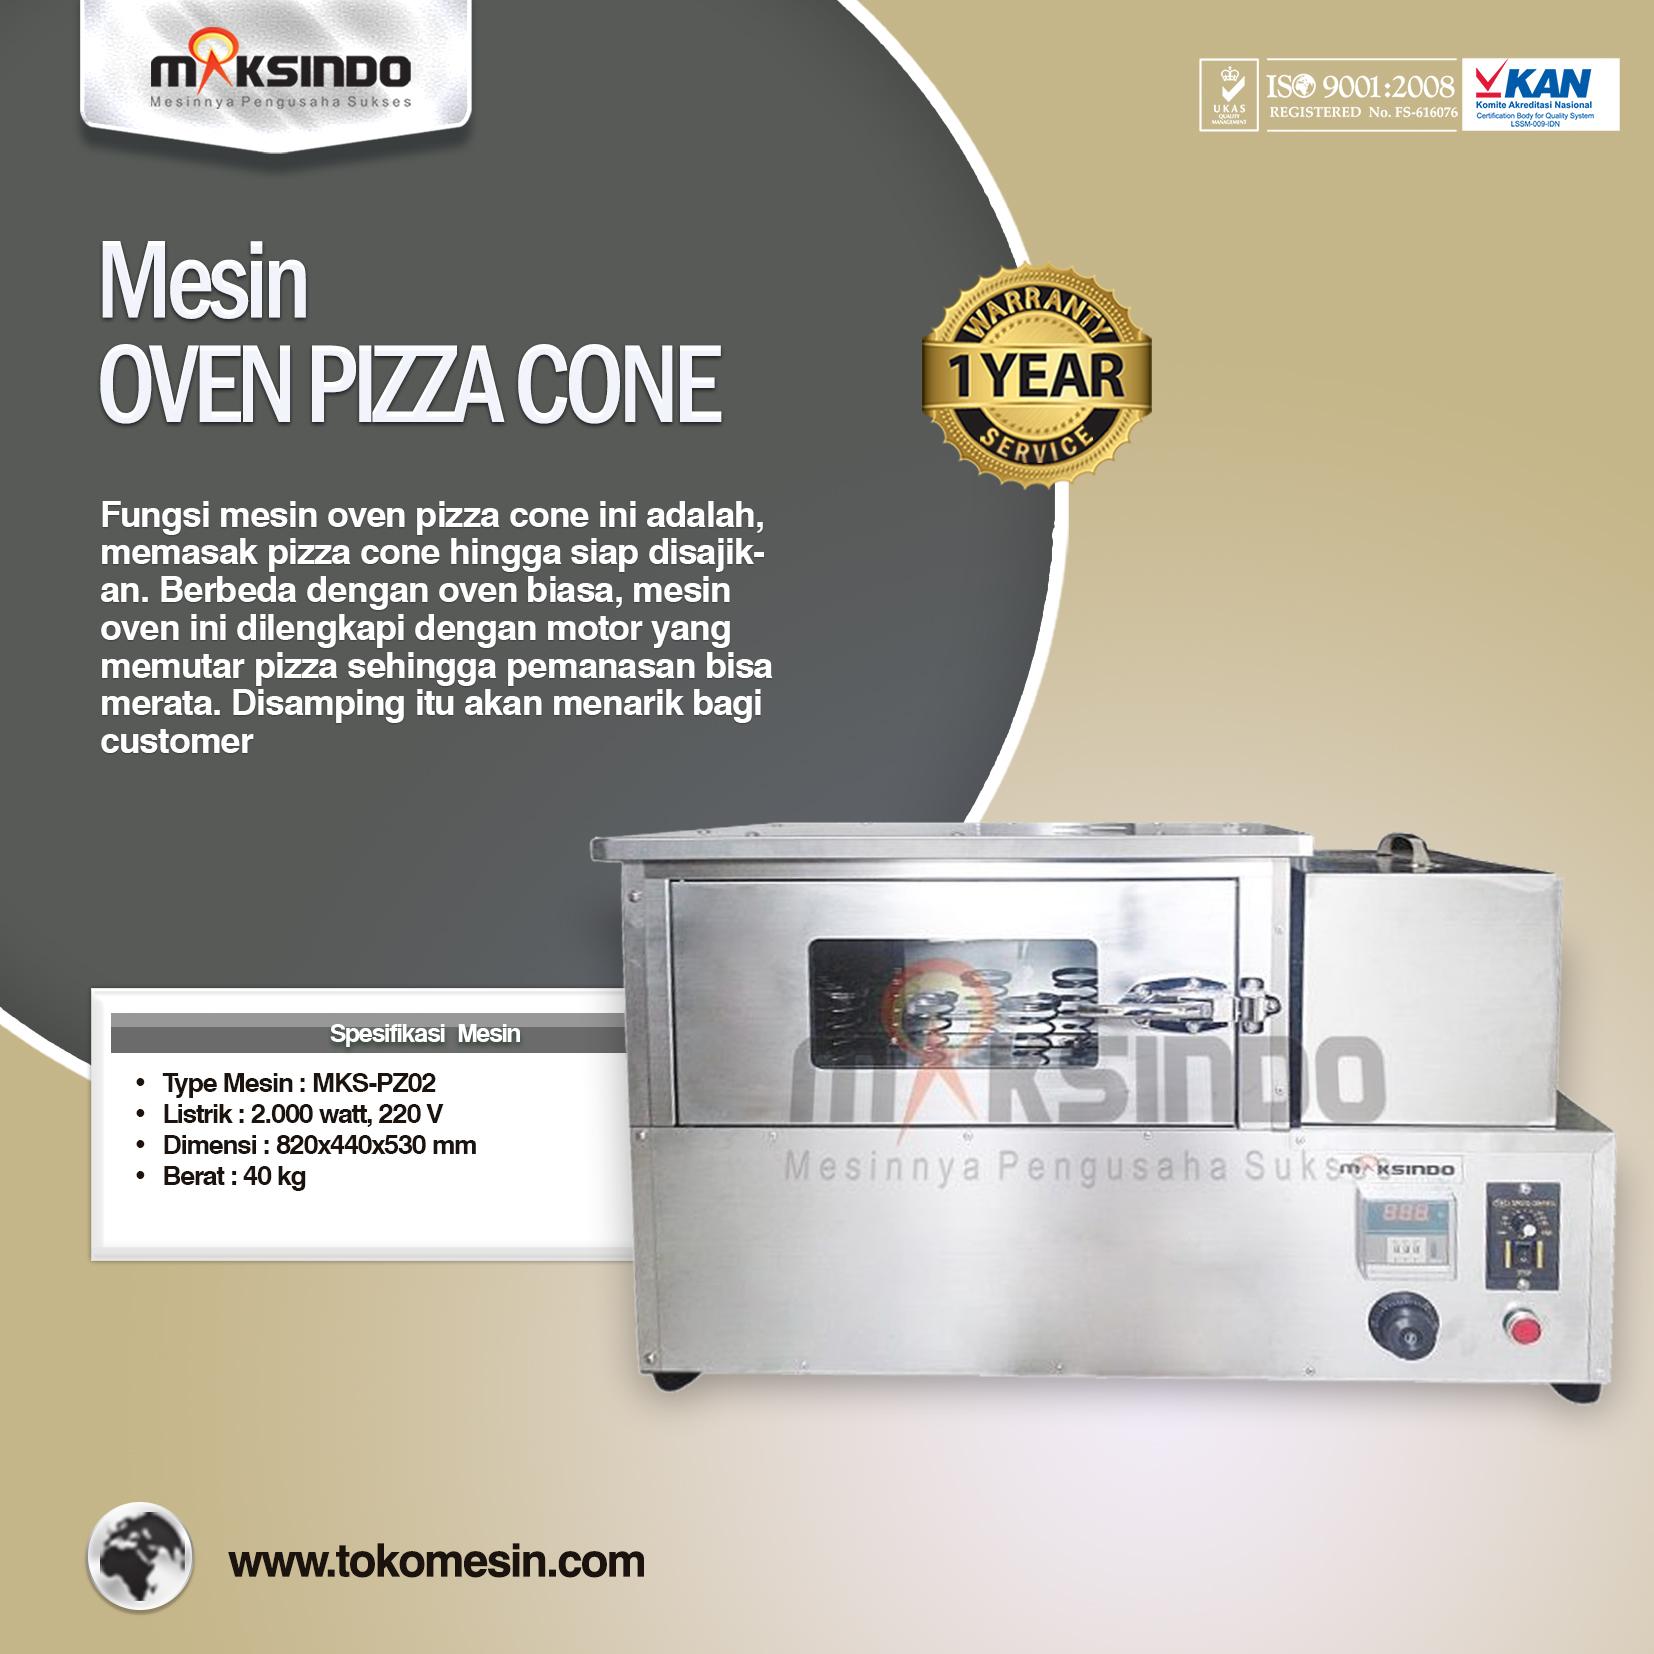 MESIN OVEN PIZZA CONE MKS-PZ02